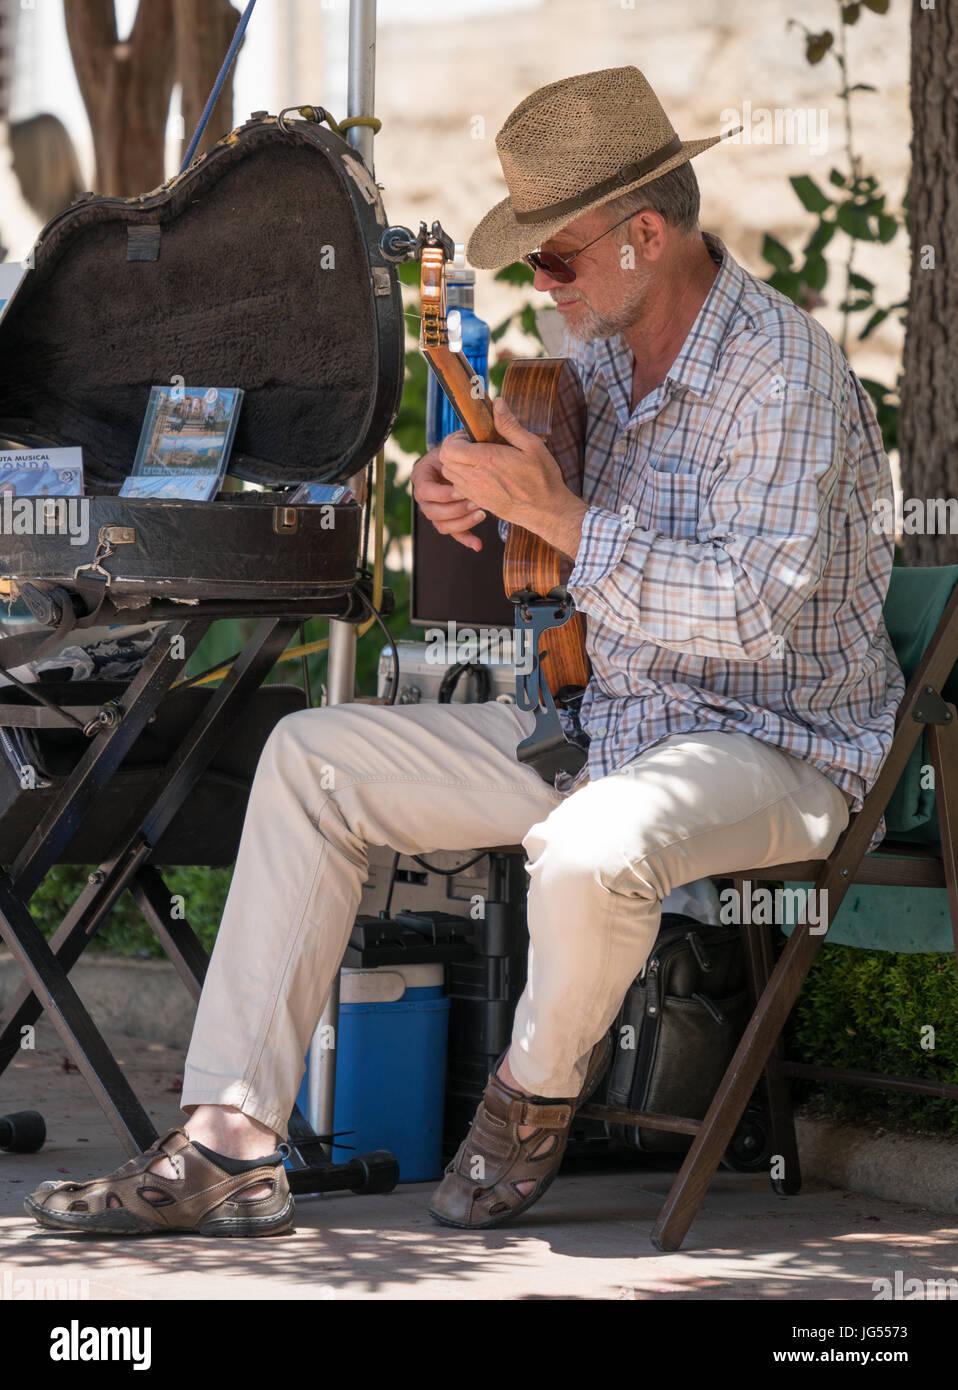 RONDA, SPAIN - JUNE 2017: A Street musician at work playing Flamenco guitar in Ronda, Spain Stock Photo